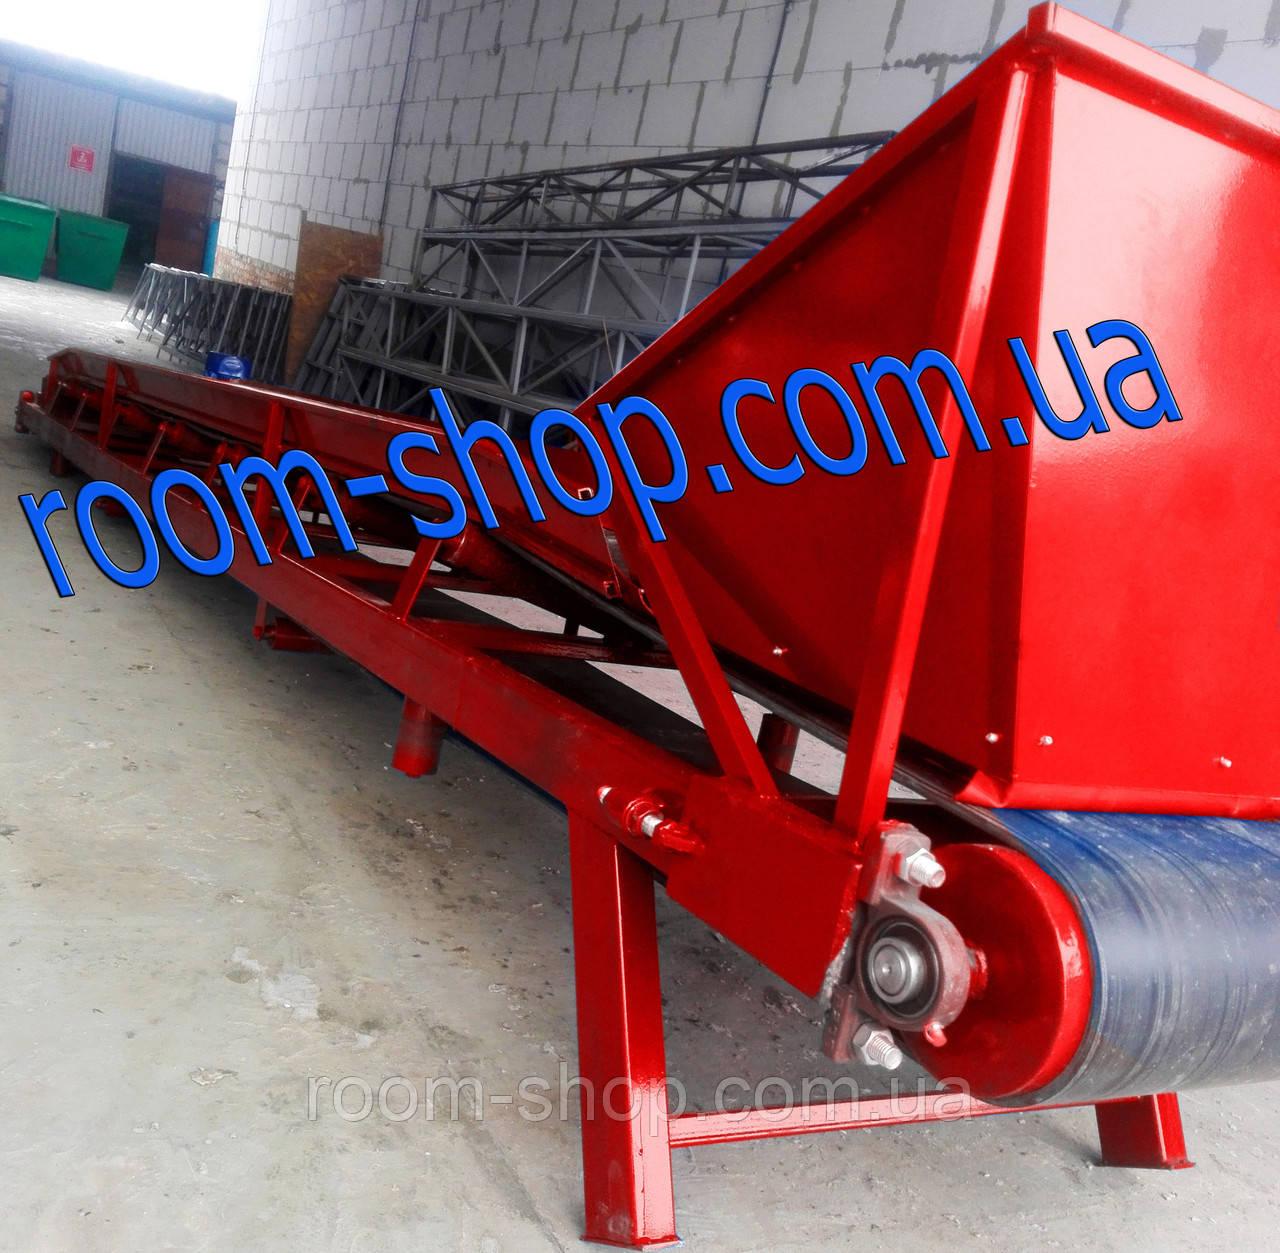 Ленточный транспортер (стрічковий конвеєр) ширина 200 мм длинна 4  м.